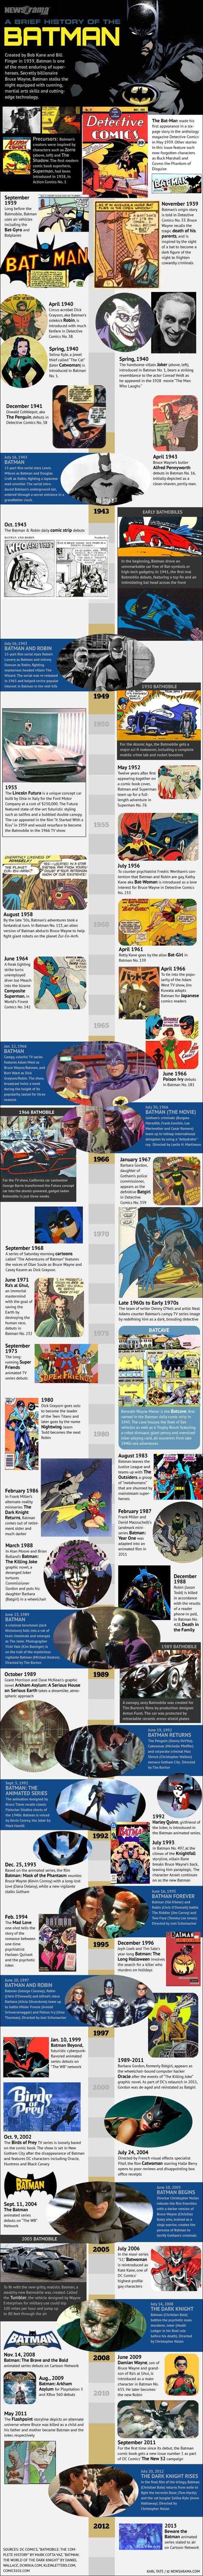 Una breve historia de batman #infografia